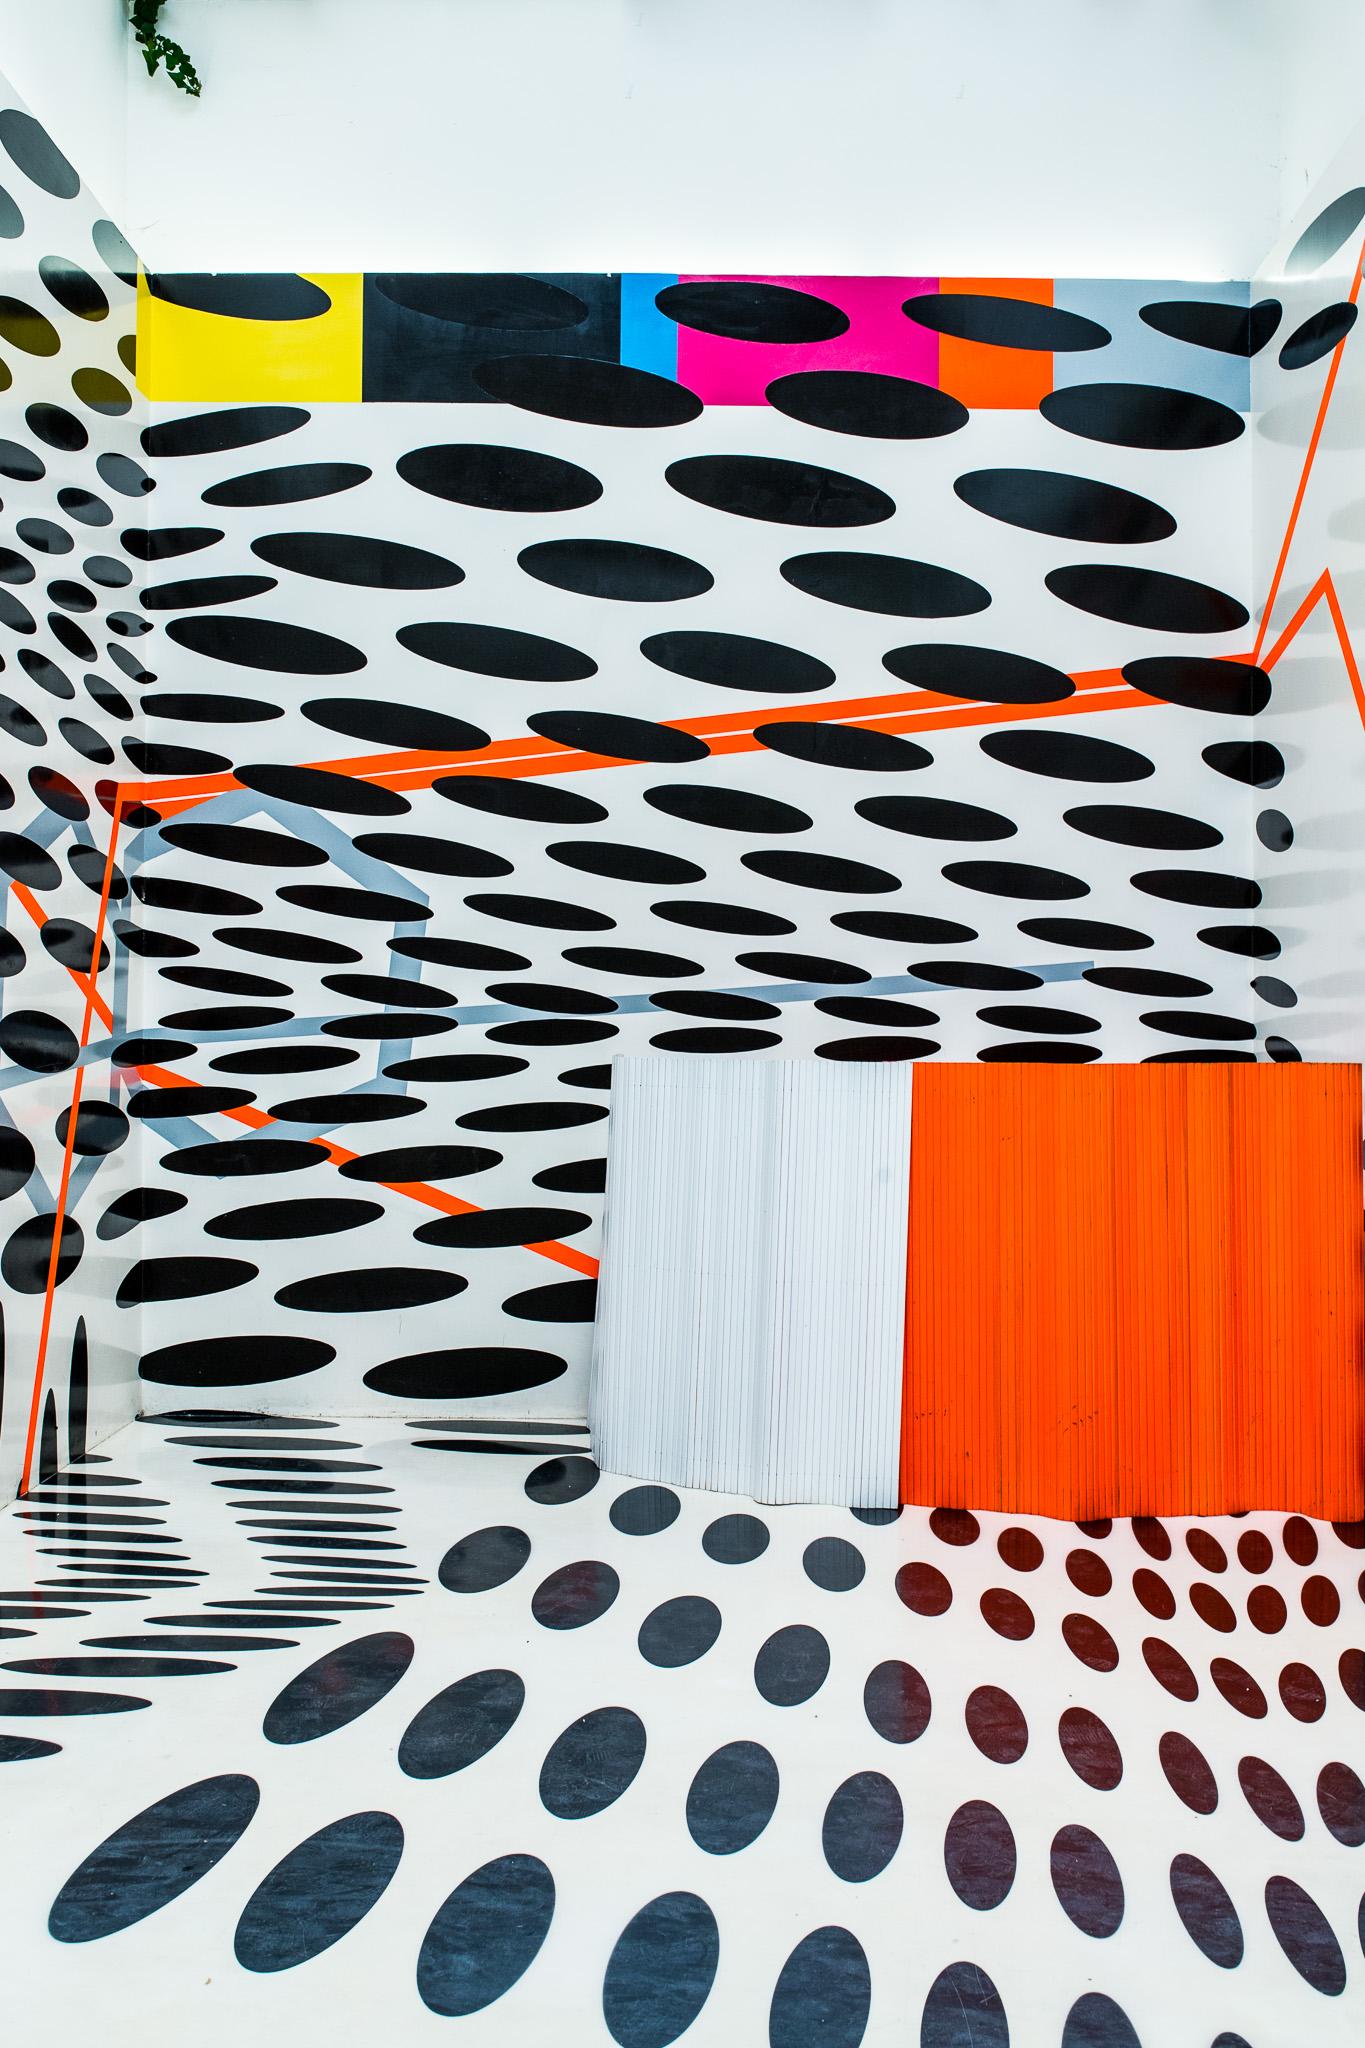 Biennale-cafe-2.jpg